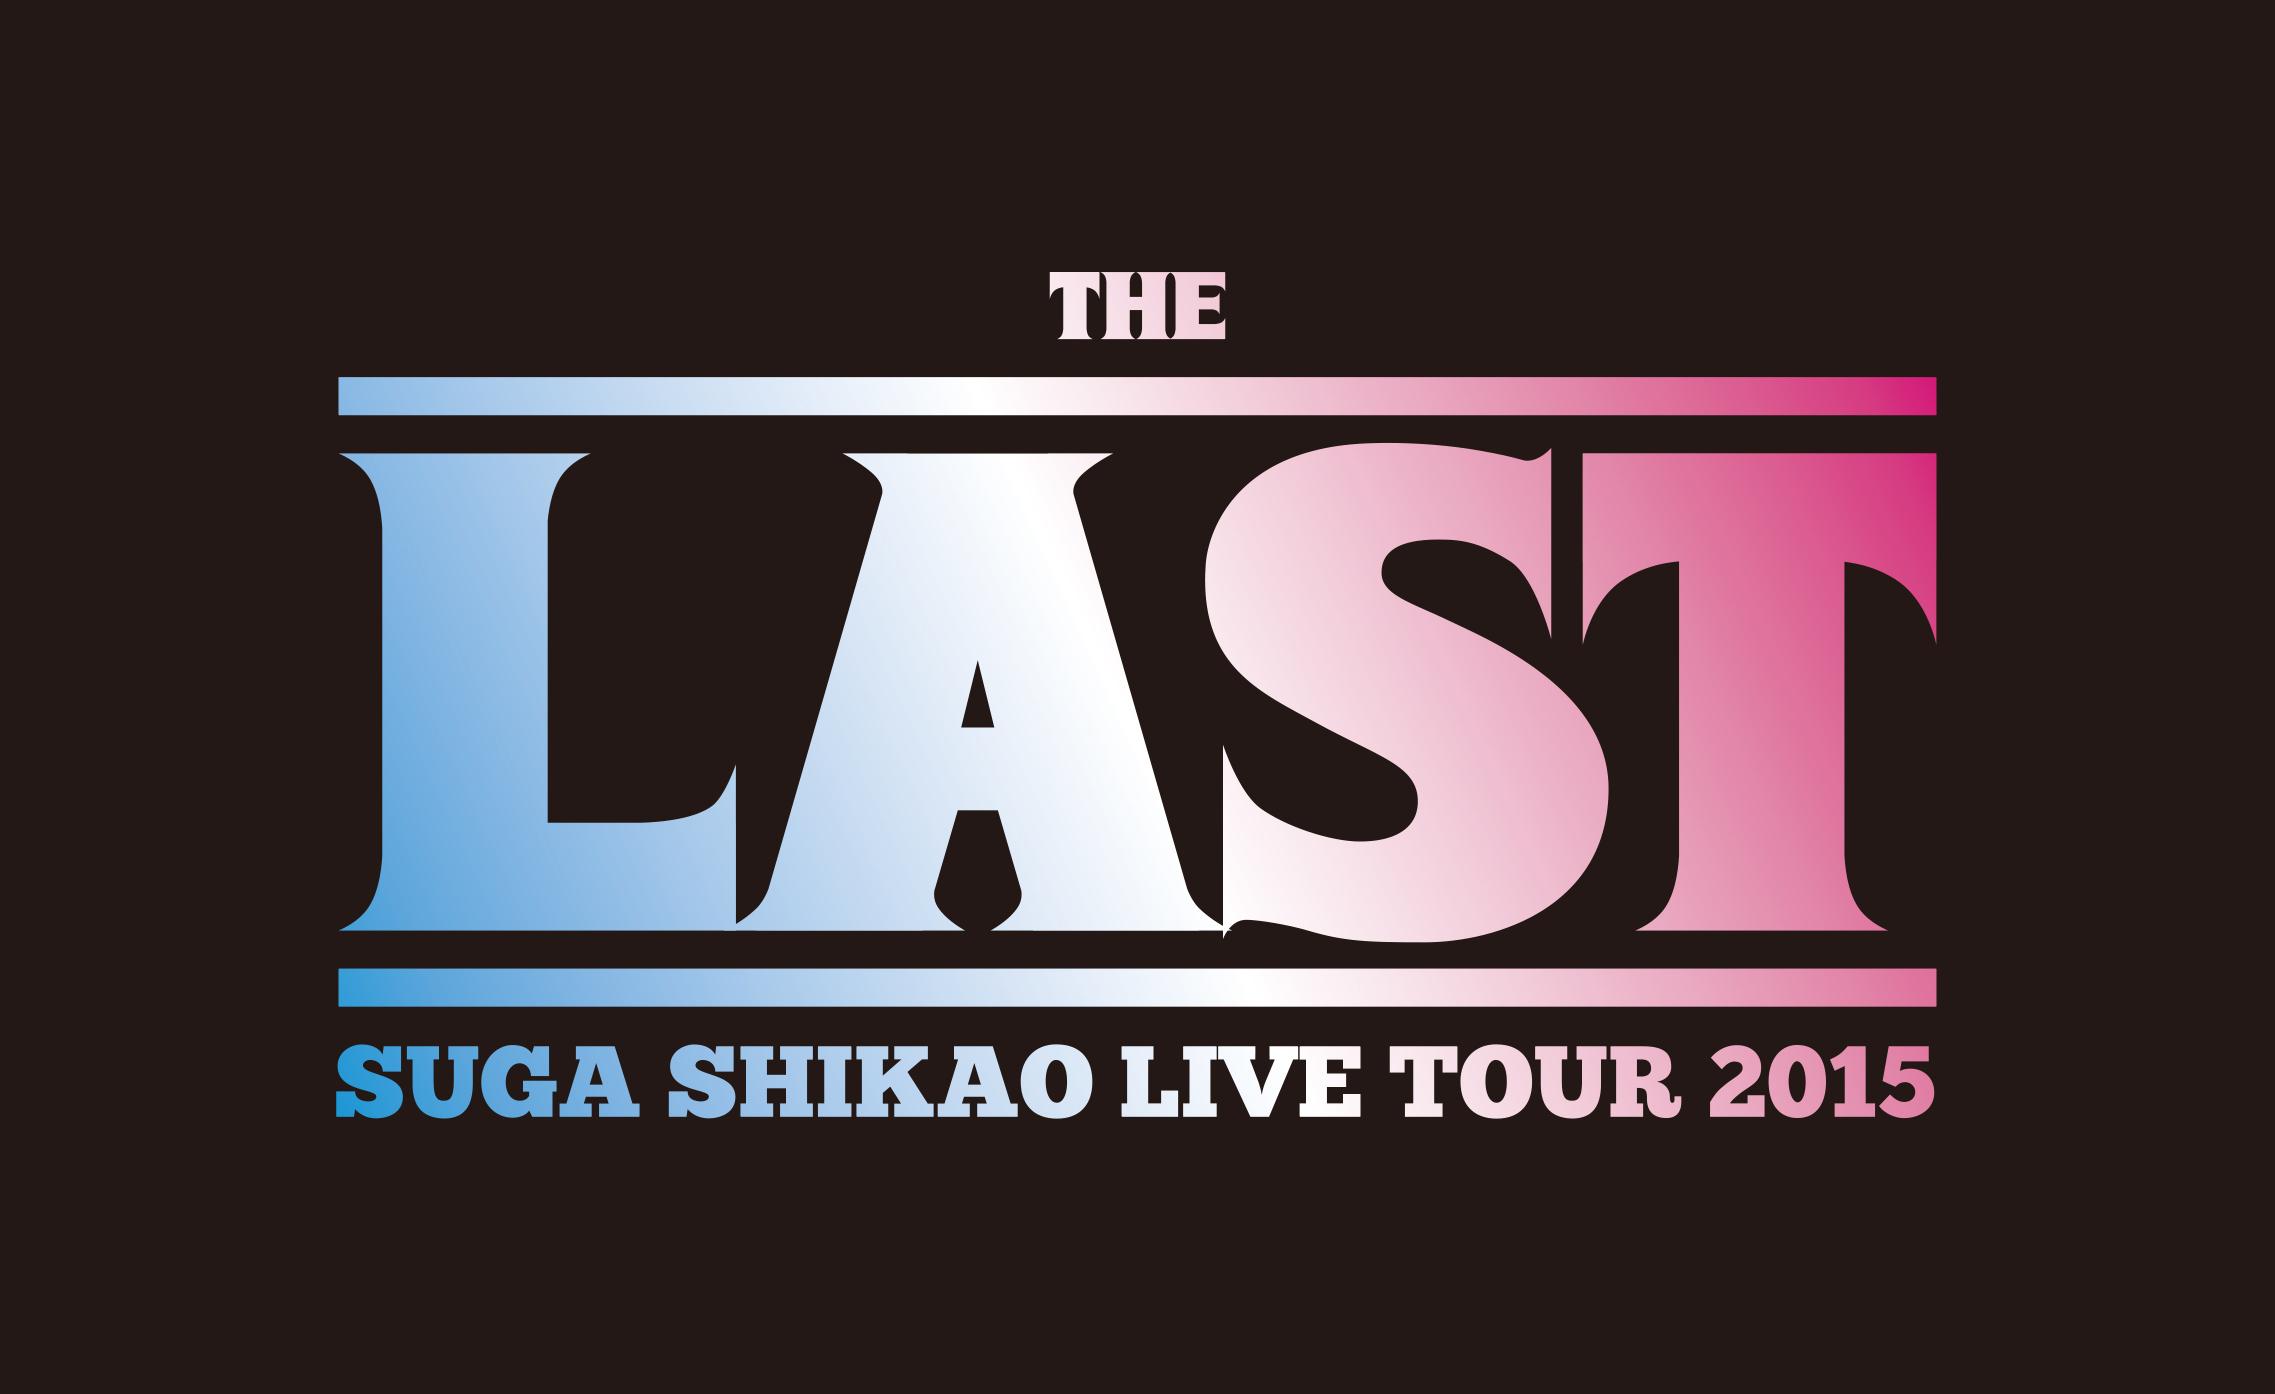 スガシカオ 「THE LAST」LIVE TOUR 2015